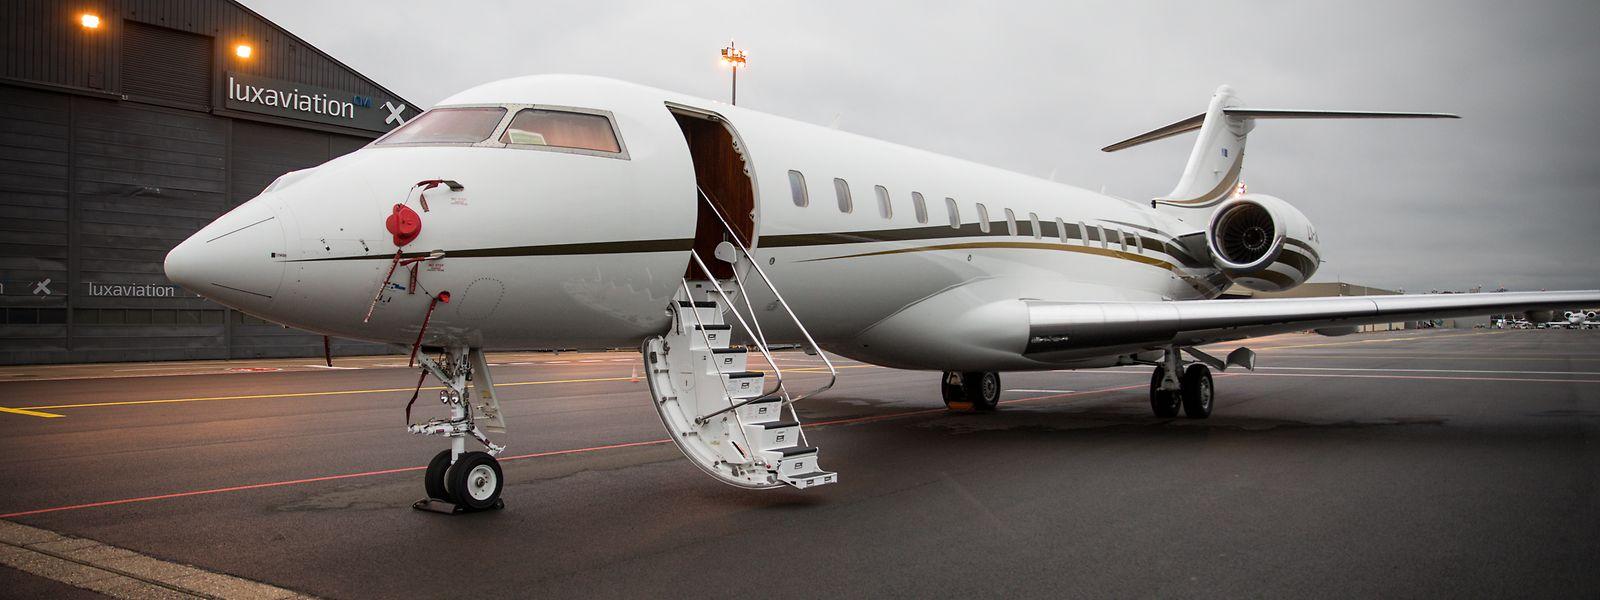 Luxaviation verfügt über eine Flotte von 250 Jets weltweit. Erstmals in der Firmengeschichte standen sie nun alle an einem Tag am Boden.